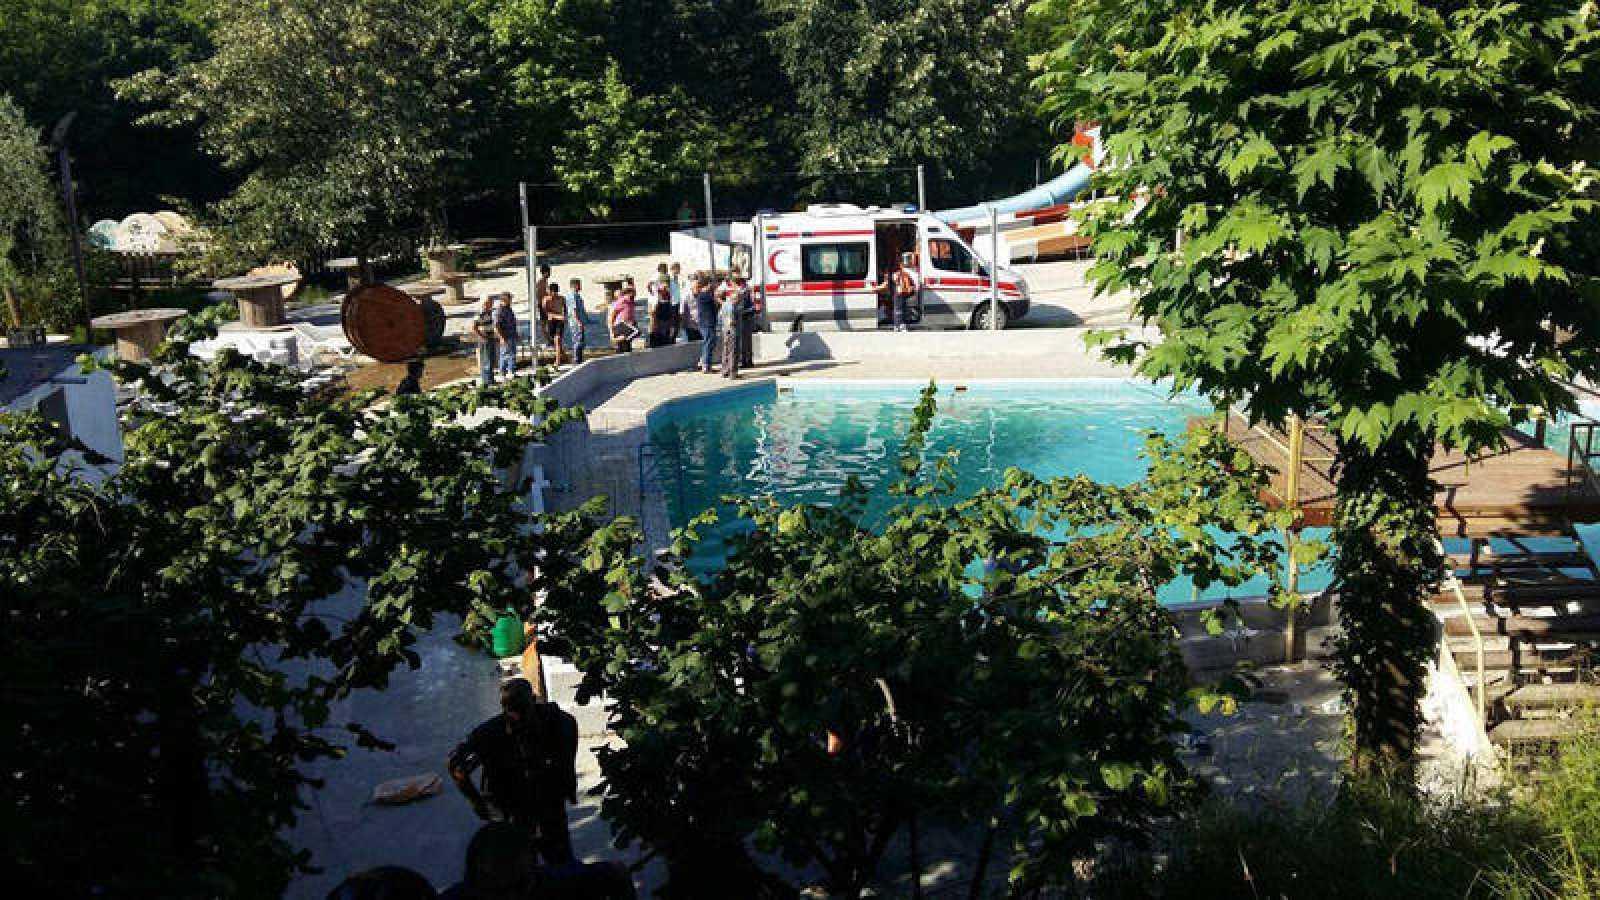 Pool electrocution accident in Sakarya, Turkey